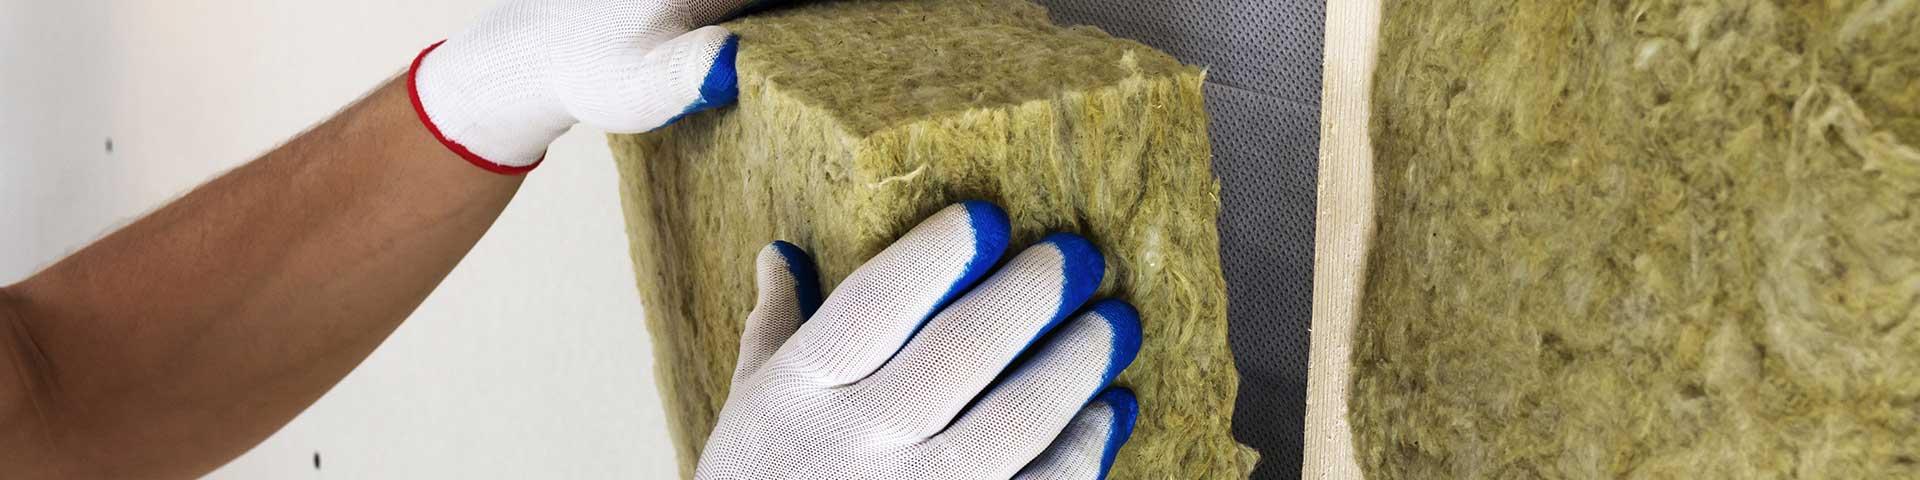 pracownik w białych rękawiczkach wykonuje izolację z wełny mineralnej